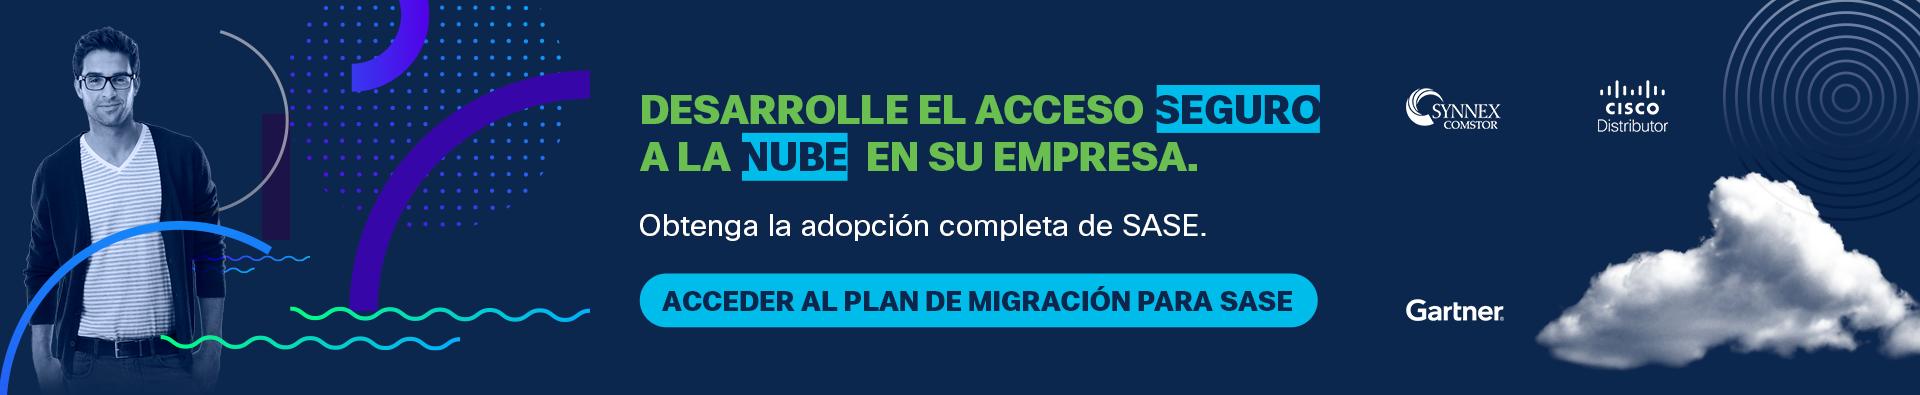 Acceder al plan de migración para Sase!